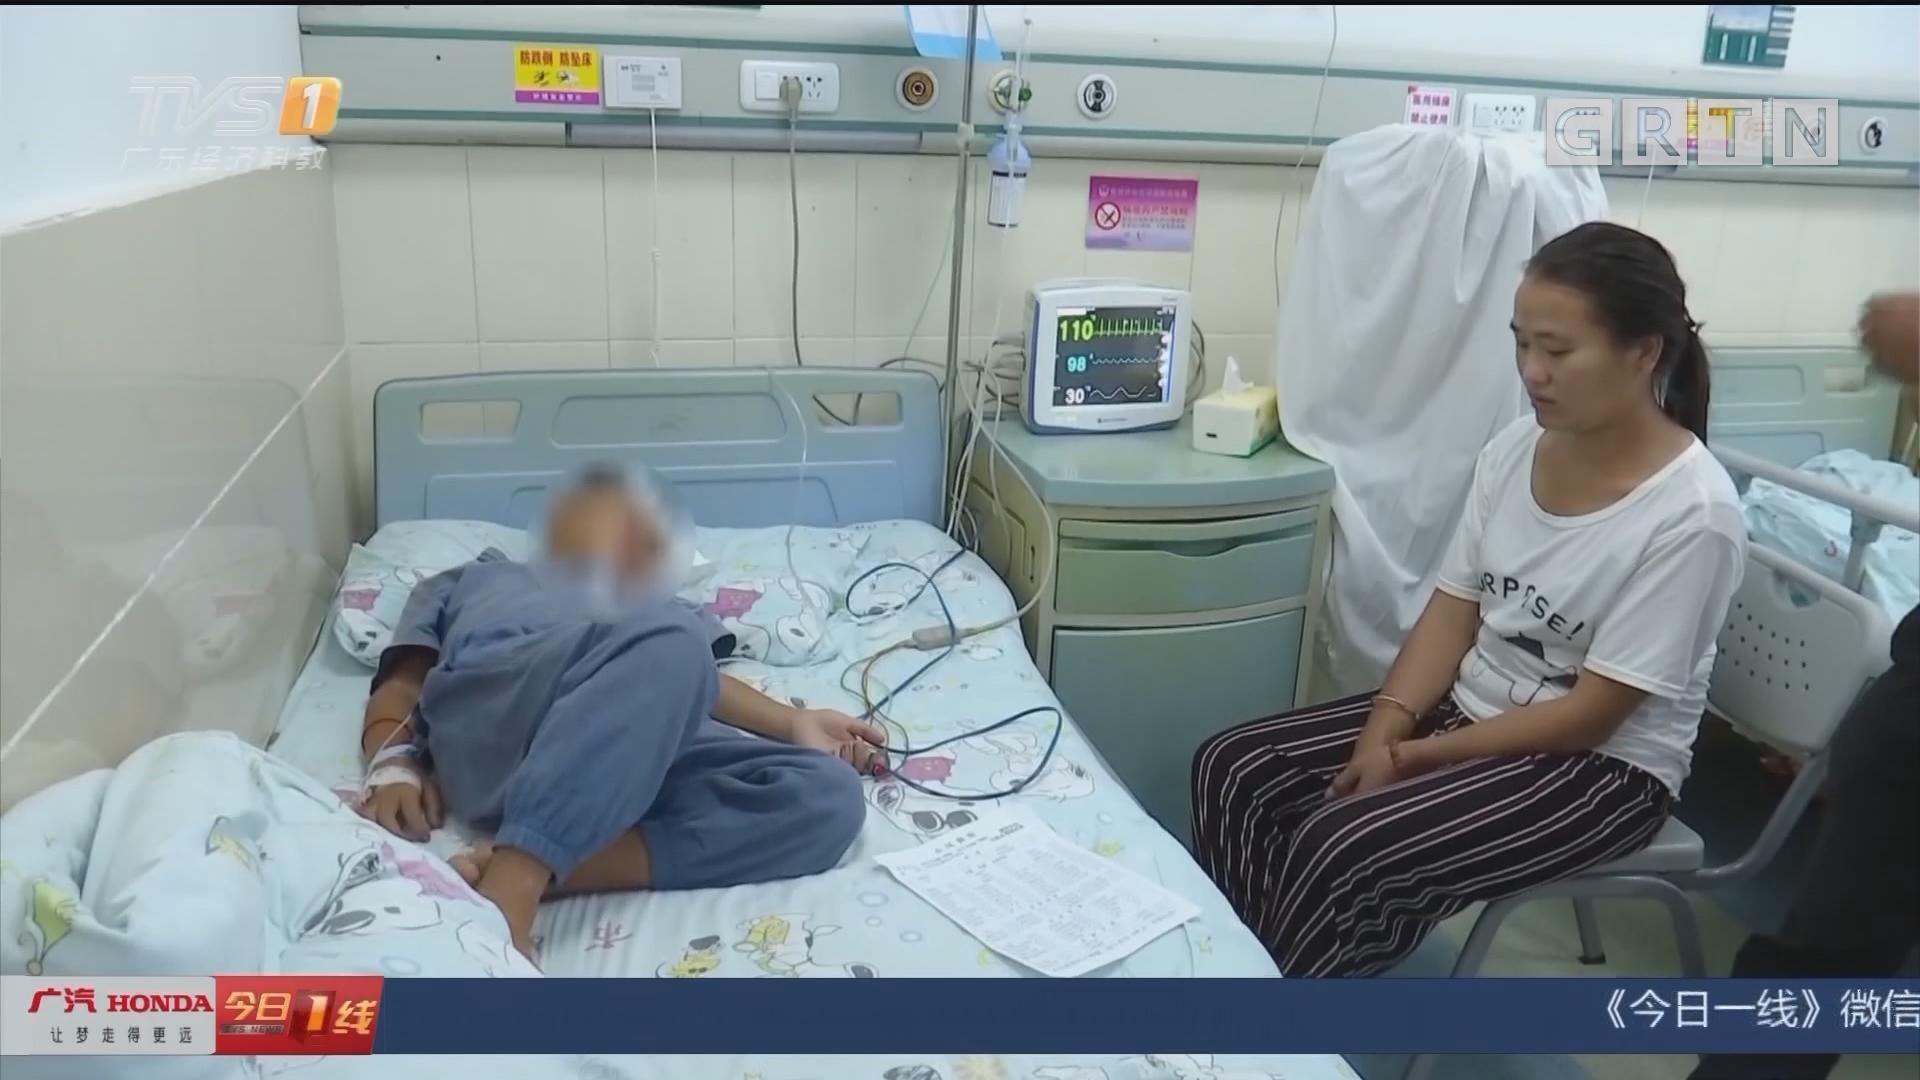 贵州:男童咳血两周 原来喉咙藏了蚂蟥